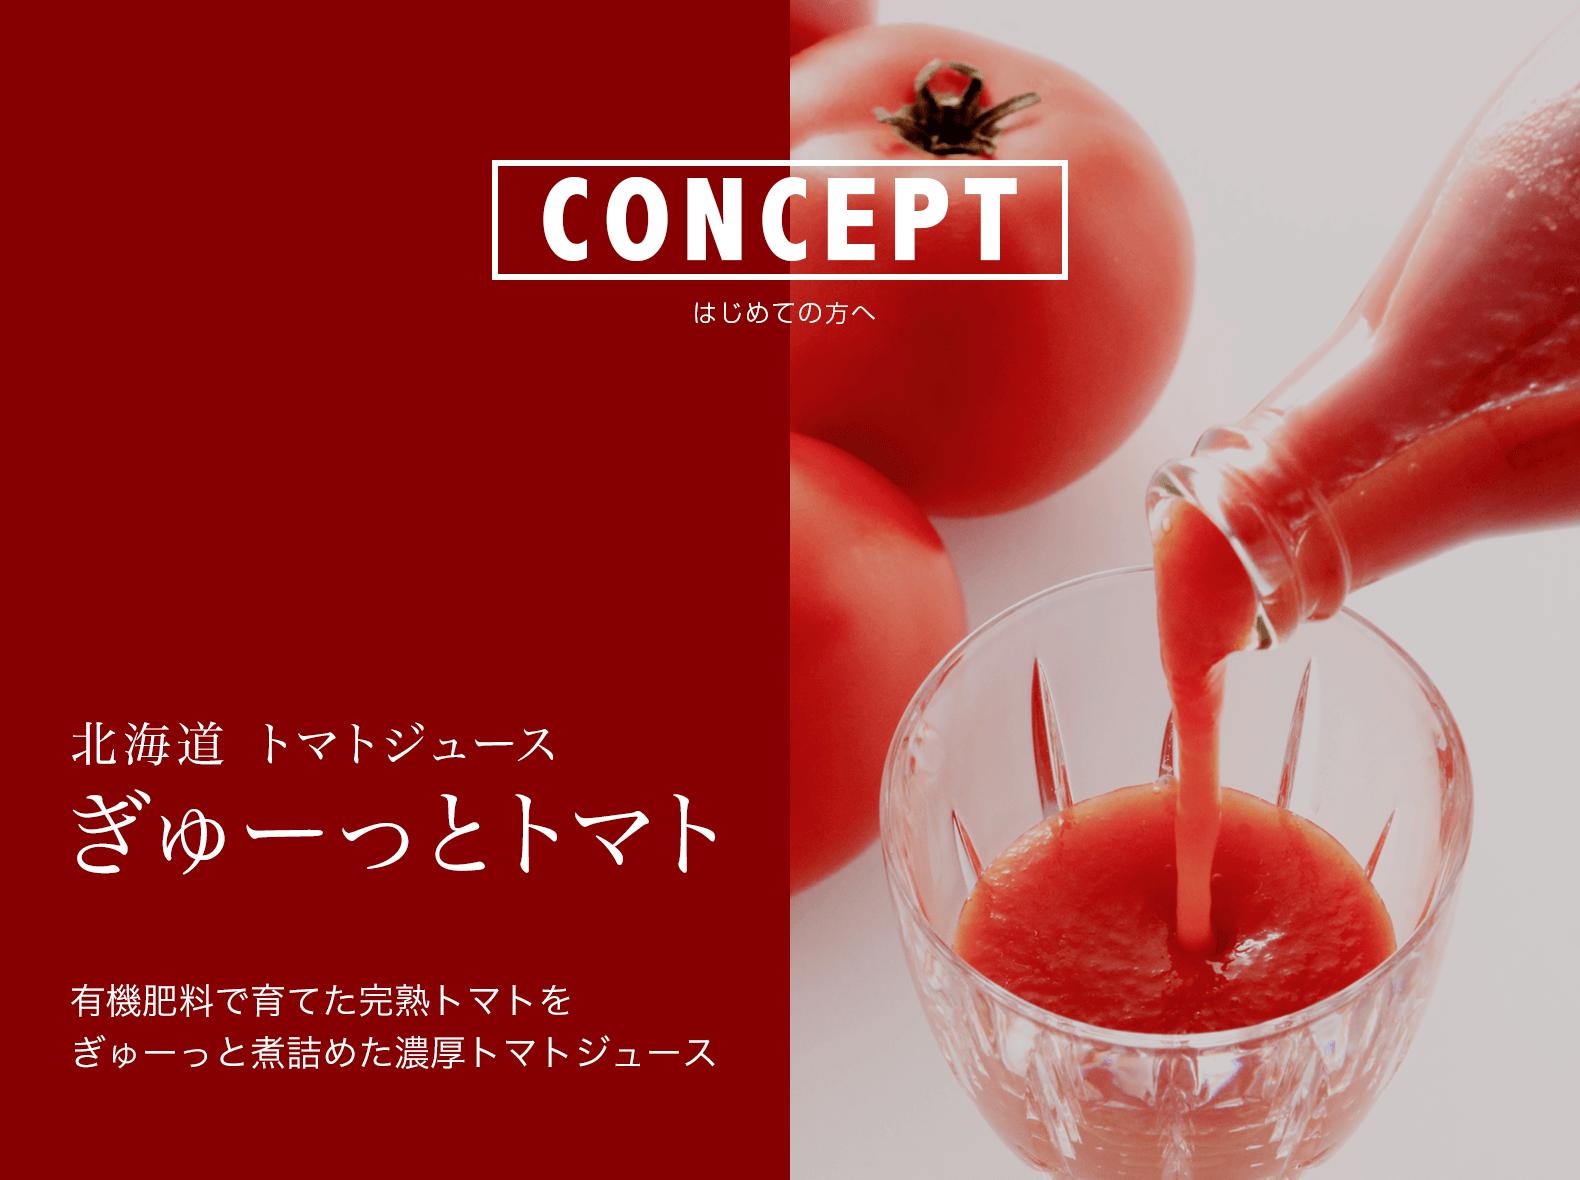 はじめての方へ〜北海道 トマトジュース「ぎゅーっとトマト」有機肥料で育てた完熟トマトをぎゅーっと煮詰めた濃厚トマトジュースについて